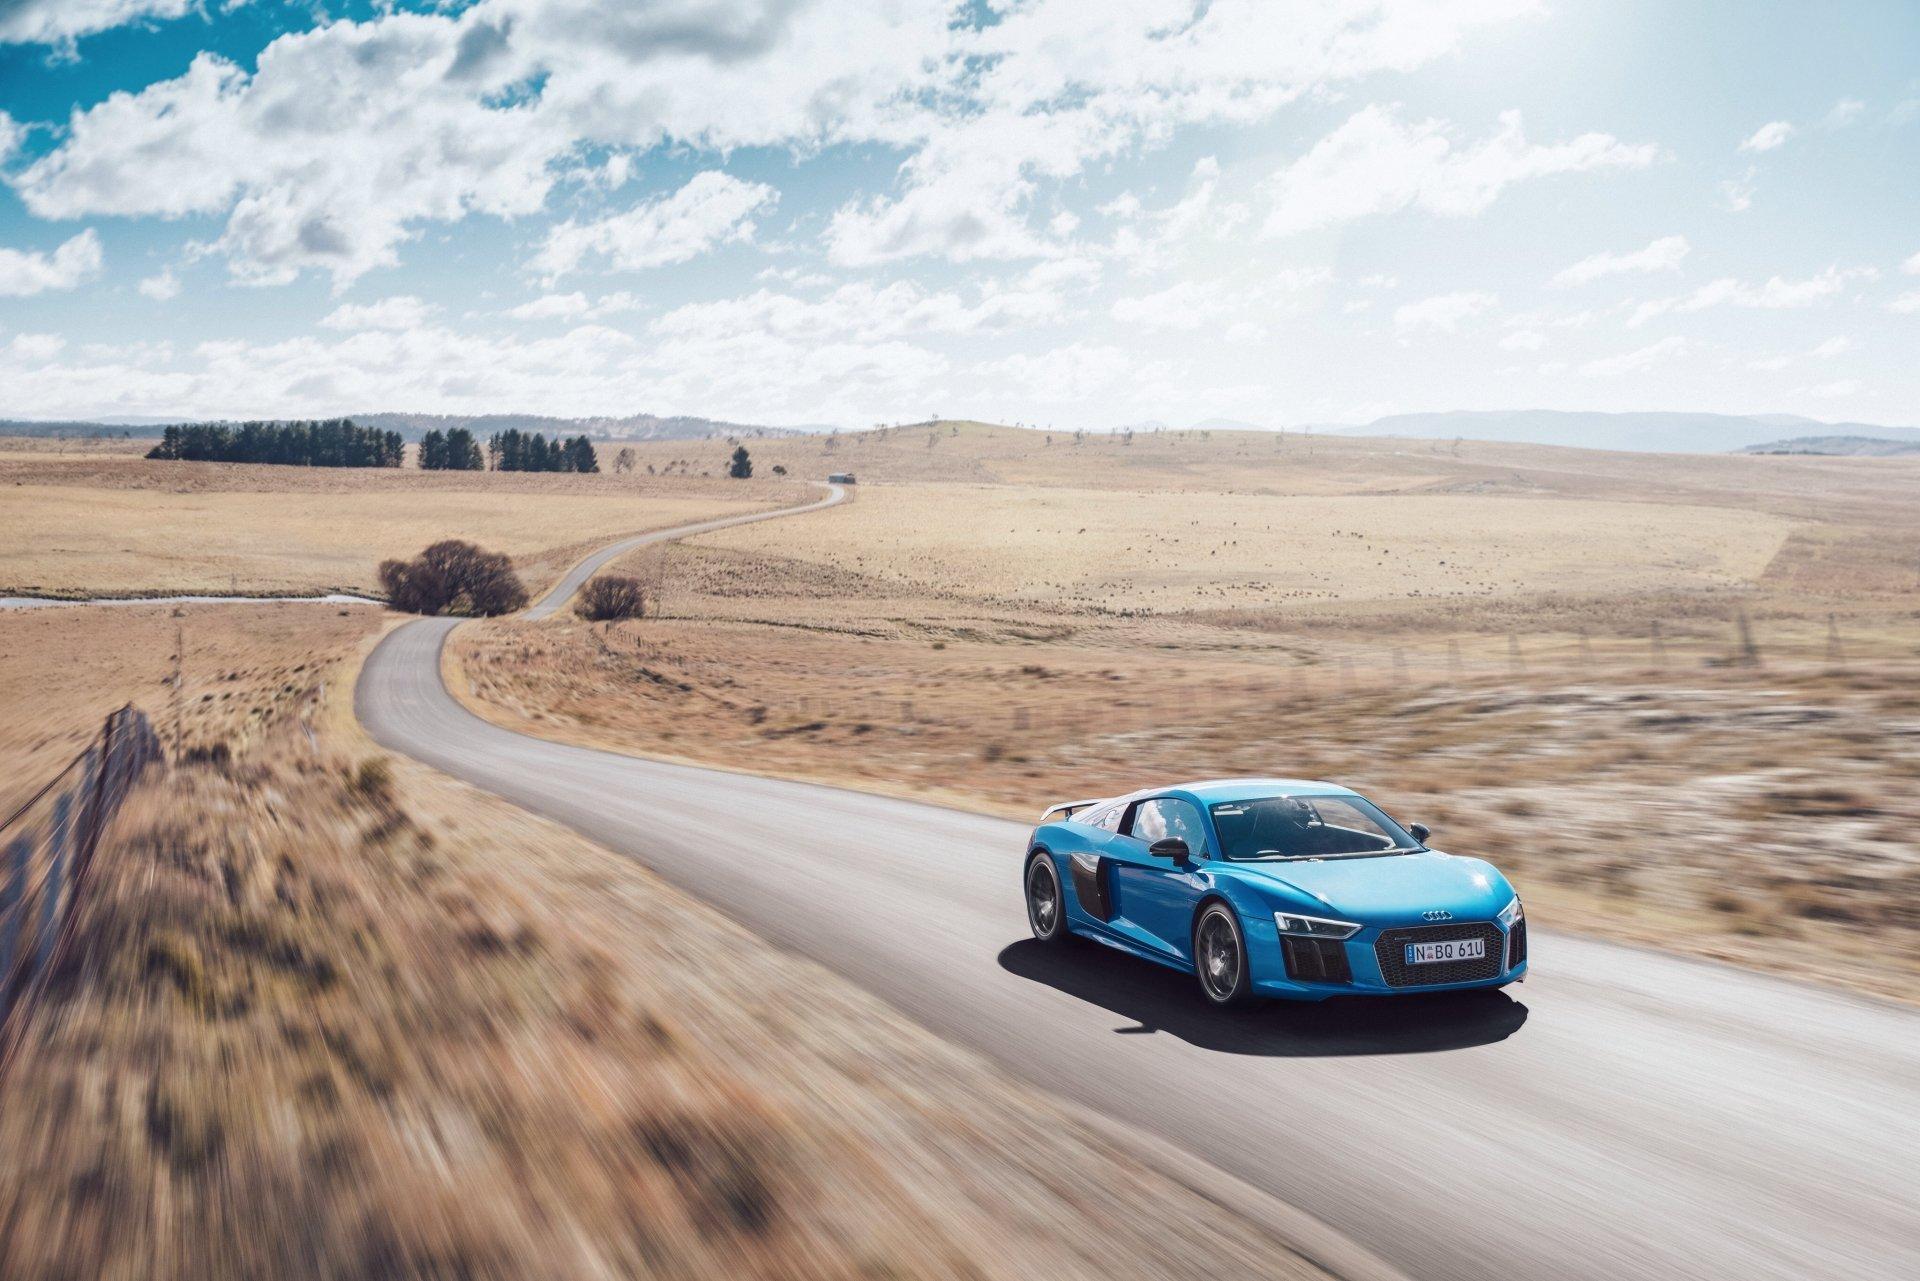 座驾 - 奥迪R8  Blue Car 汽车 Sport Car Supercar 奧迪 Audi R8 V10 交通工具 壁纸